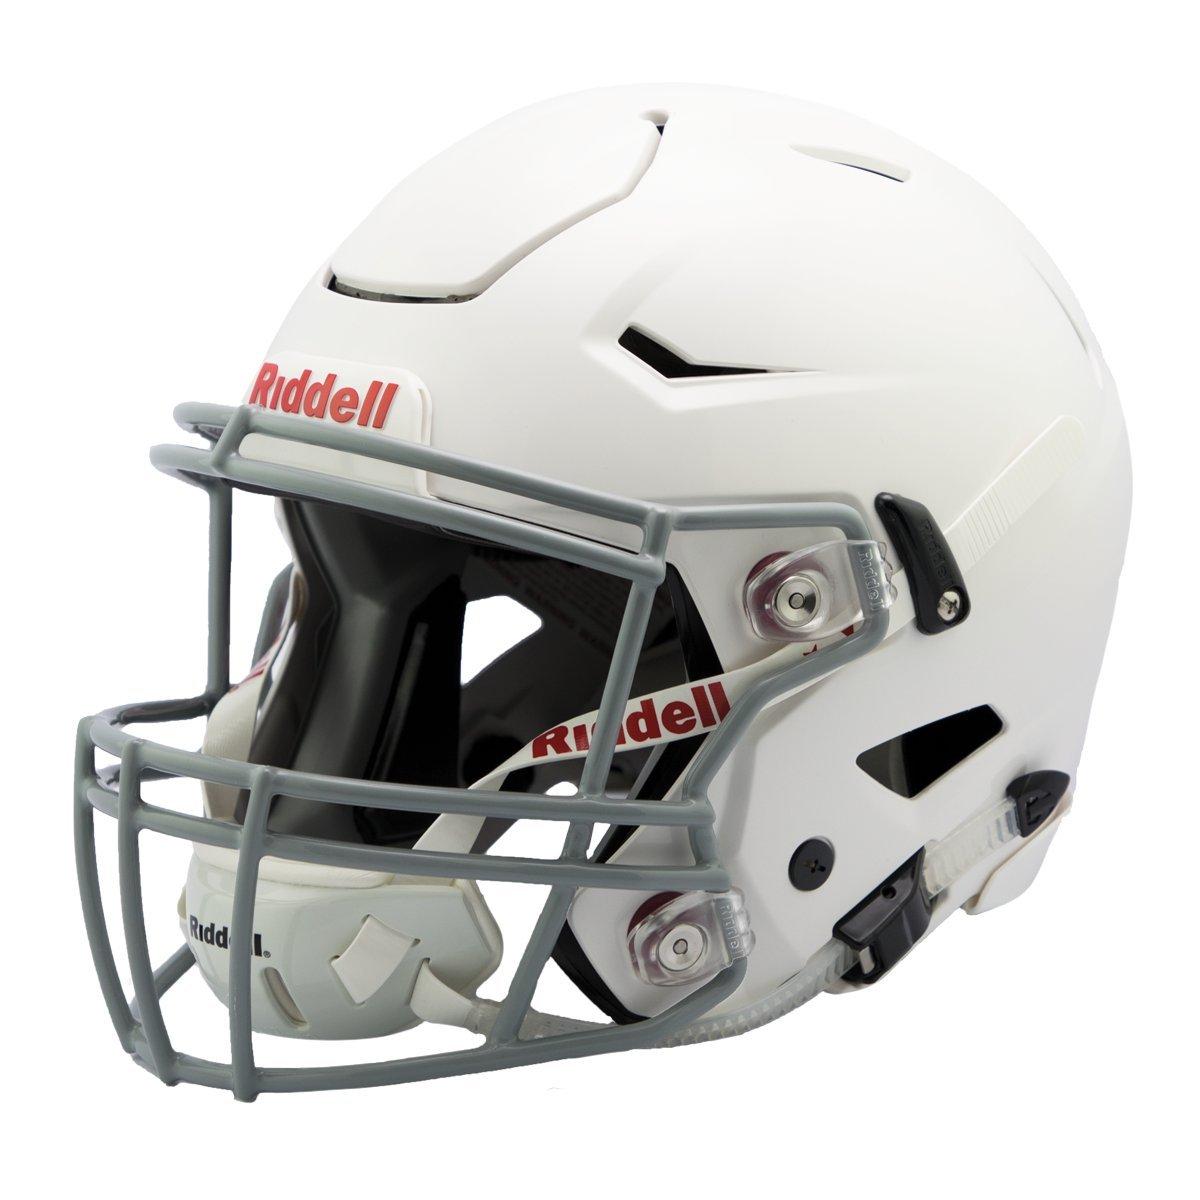 Riddell Speedflex Youth Helmet, White/Gray, Large